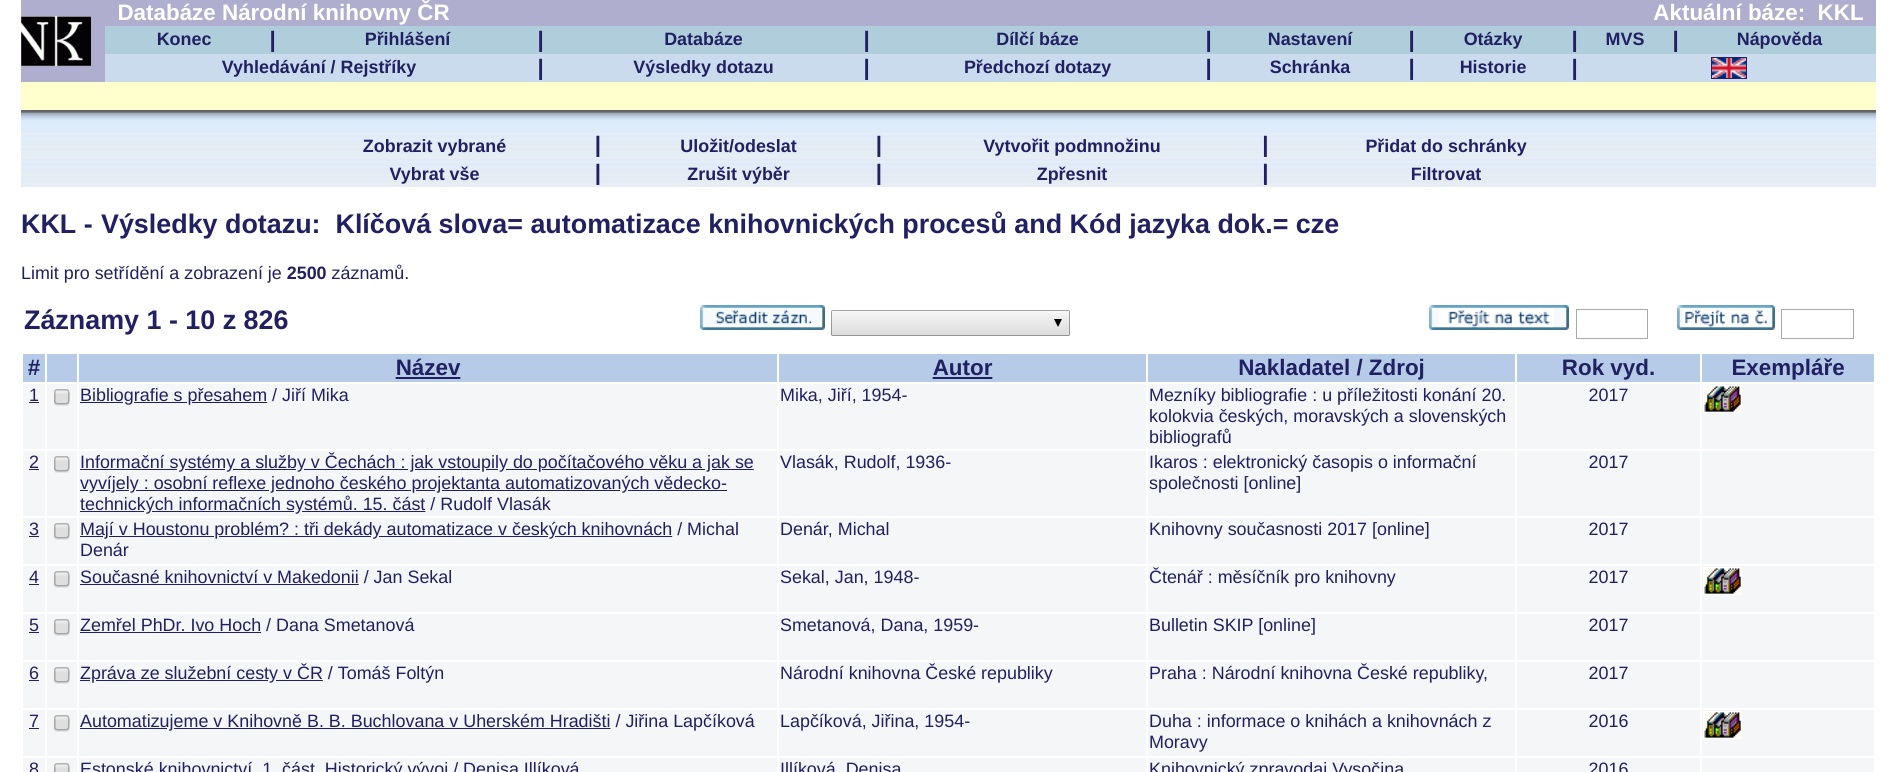 Obr. 2: Získané výsledky (zdroj: https://aleph.nkp.cz/cze/kkl, získáno 2018-09-05)